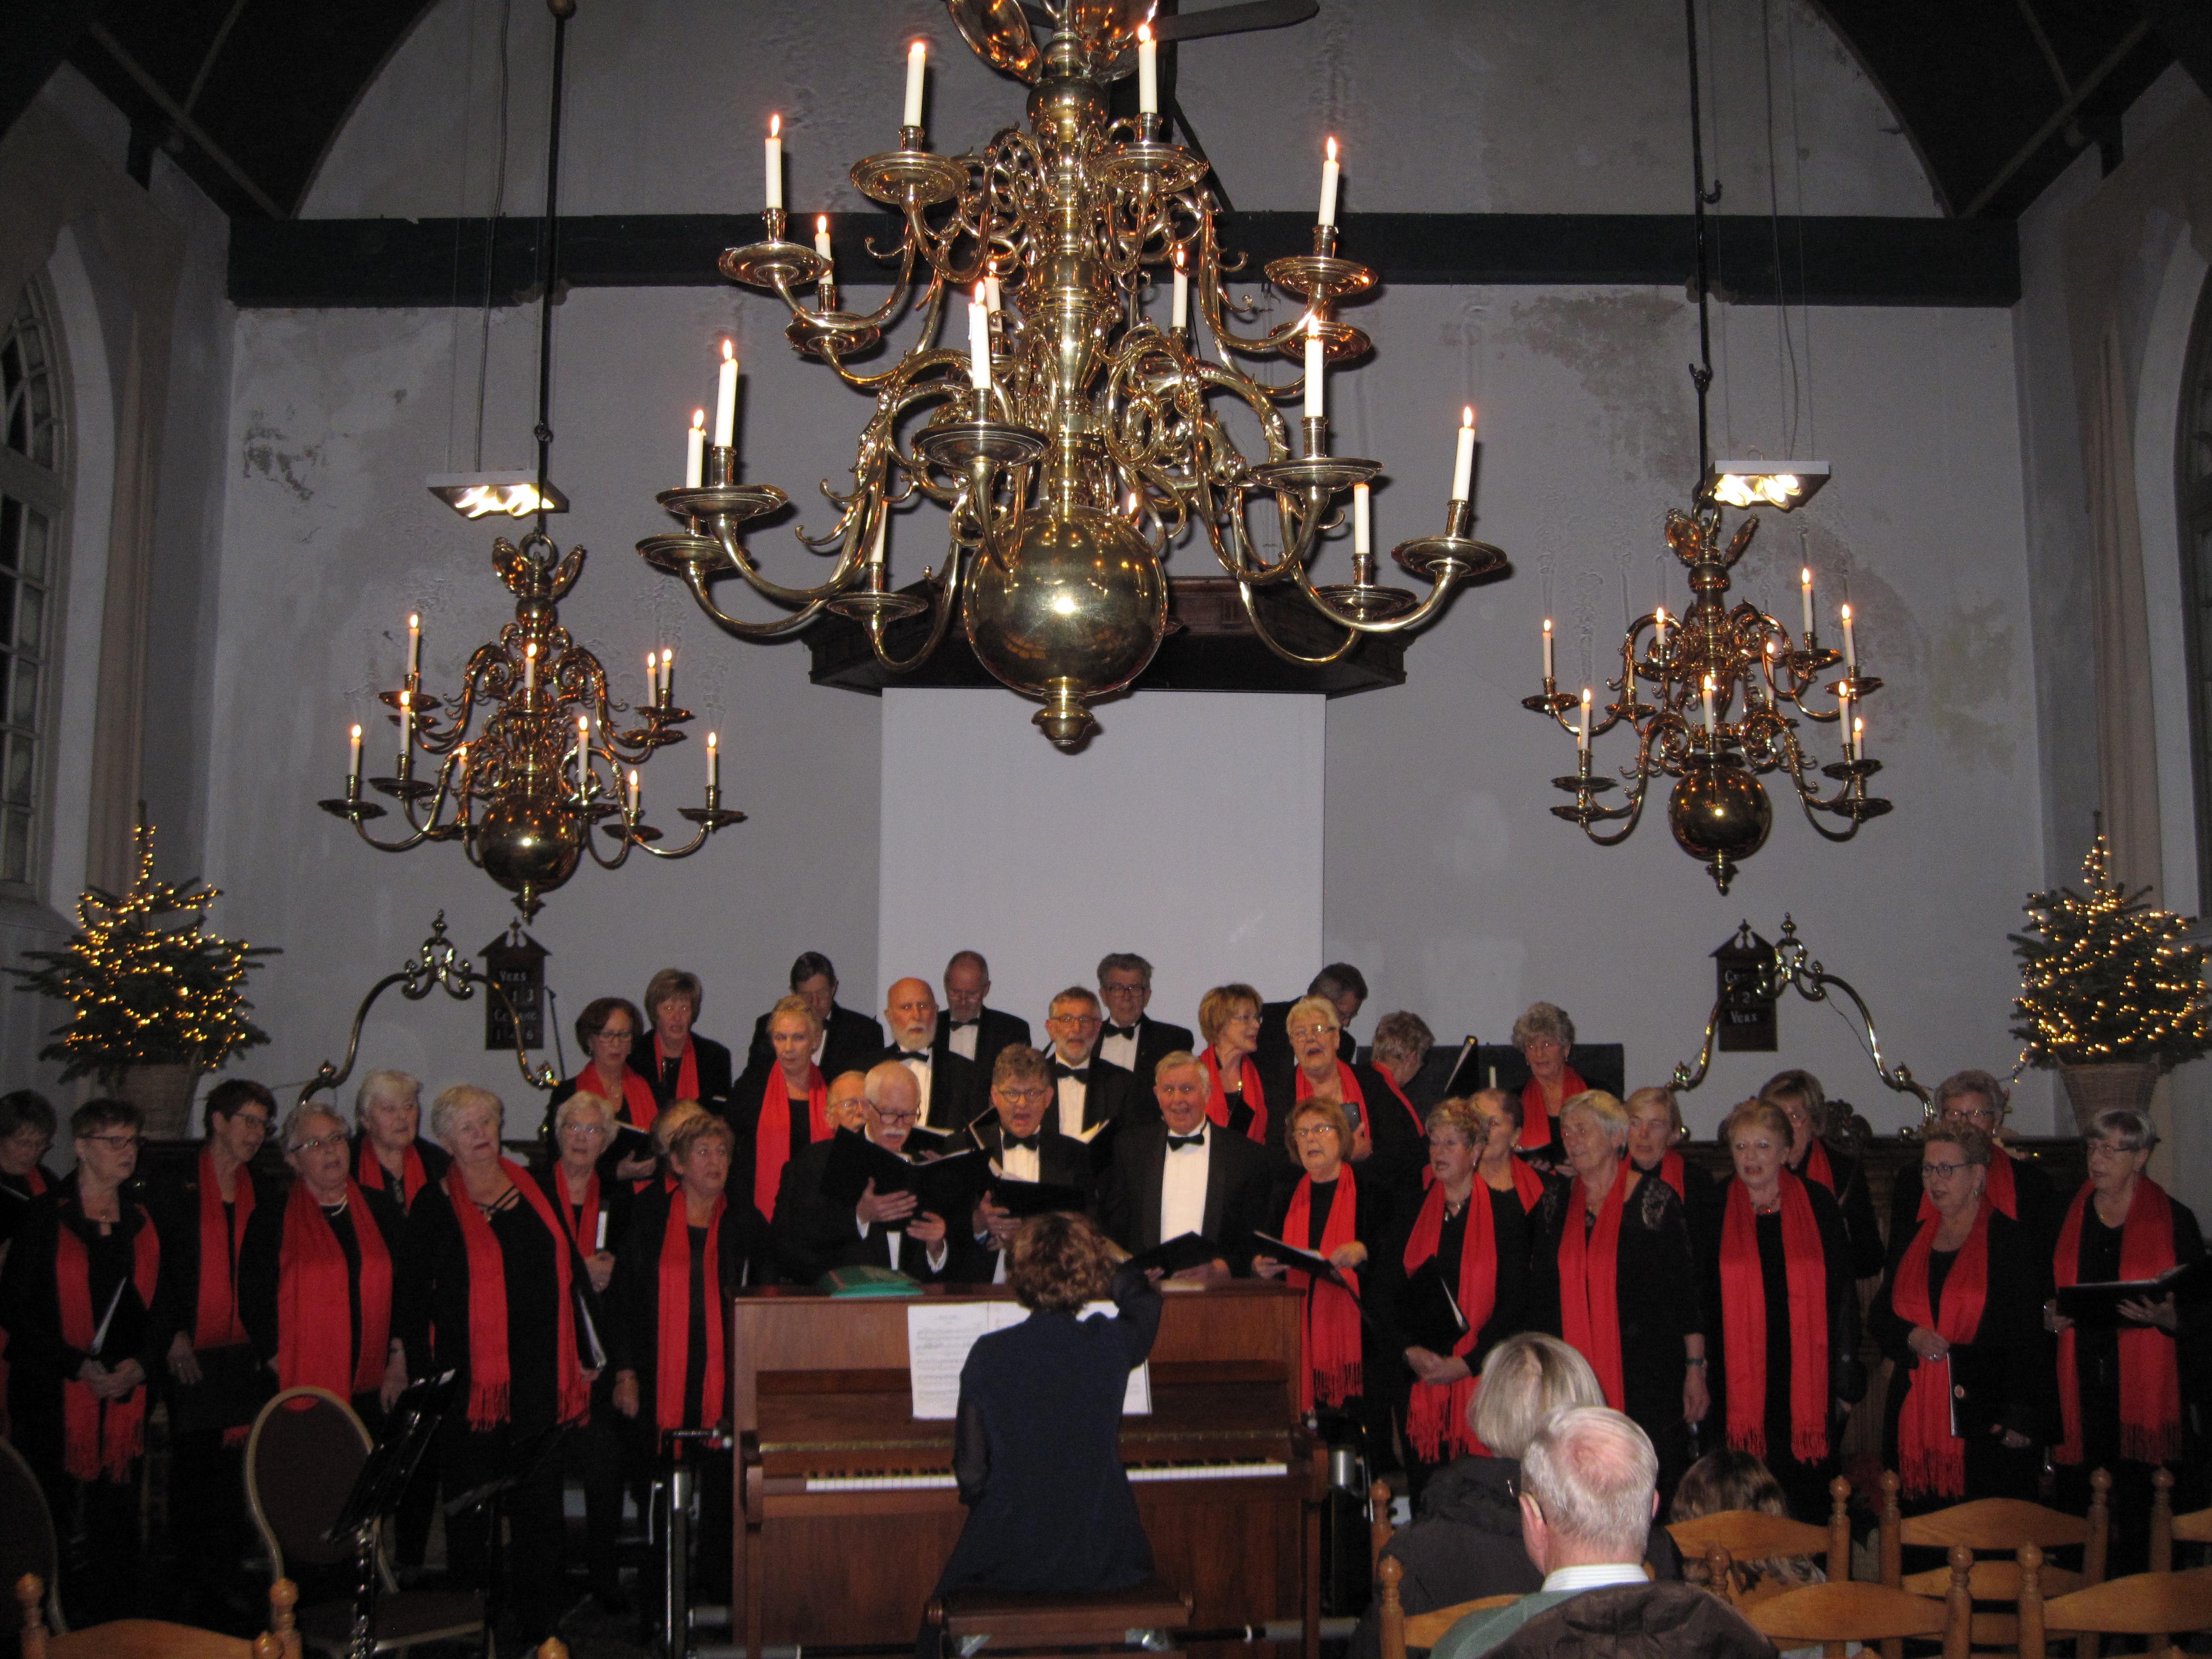 Voor de pauze gaan het koor Zang en Vriendschap en het Accordeonensemble variamuziek laten horen die bij Kerstmis past. (Foto: Jisperkerk)